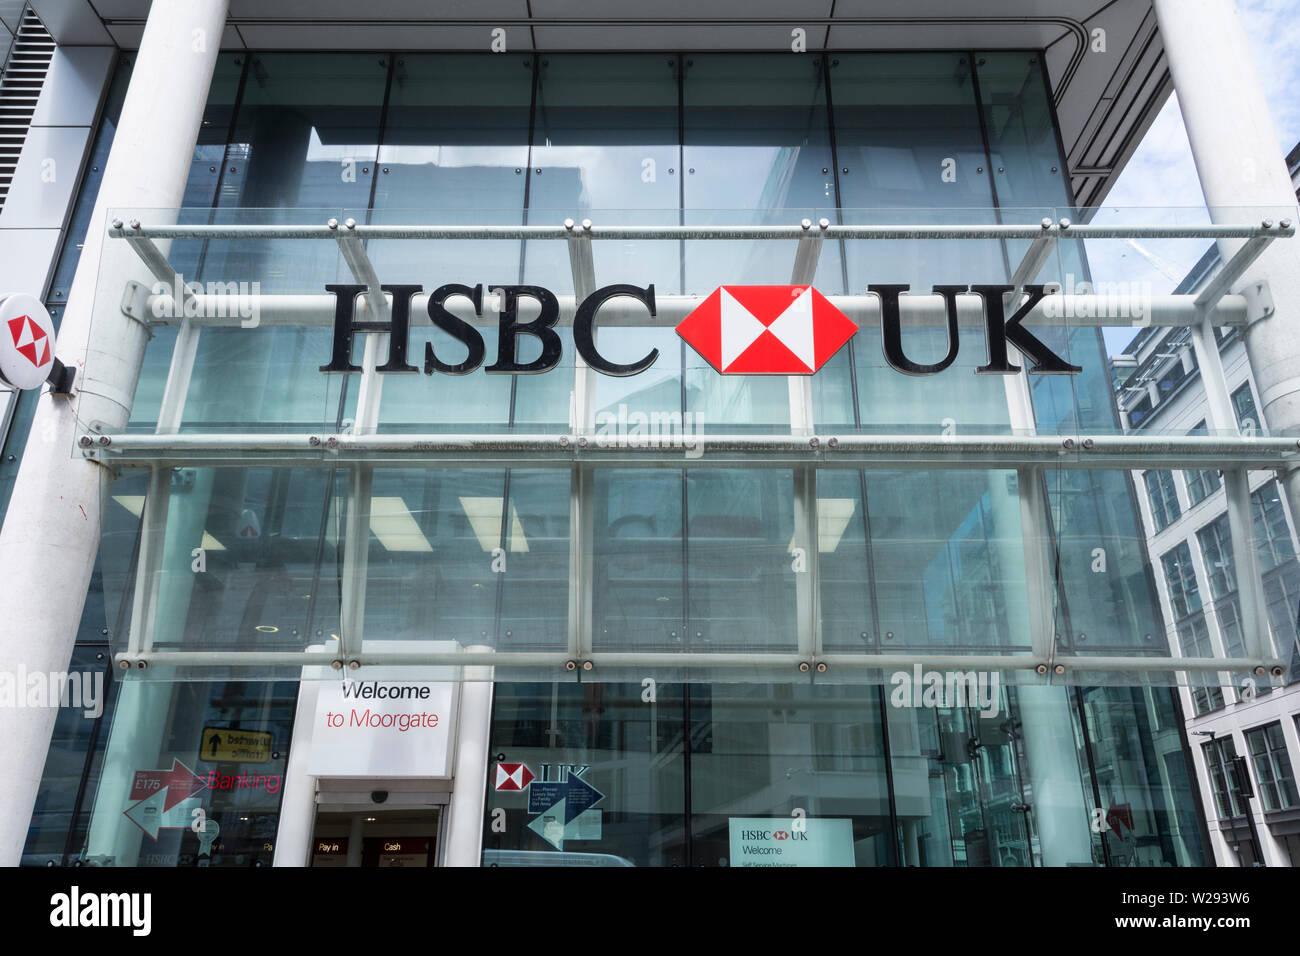 Signage outside HSBC bank, City of London, London, UK Stock